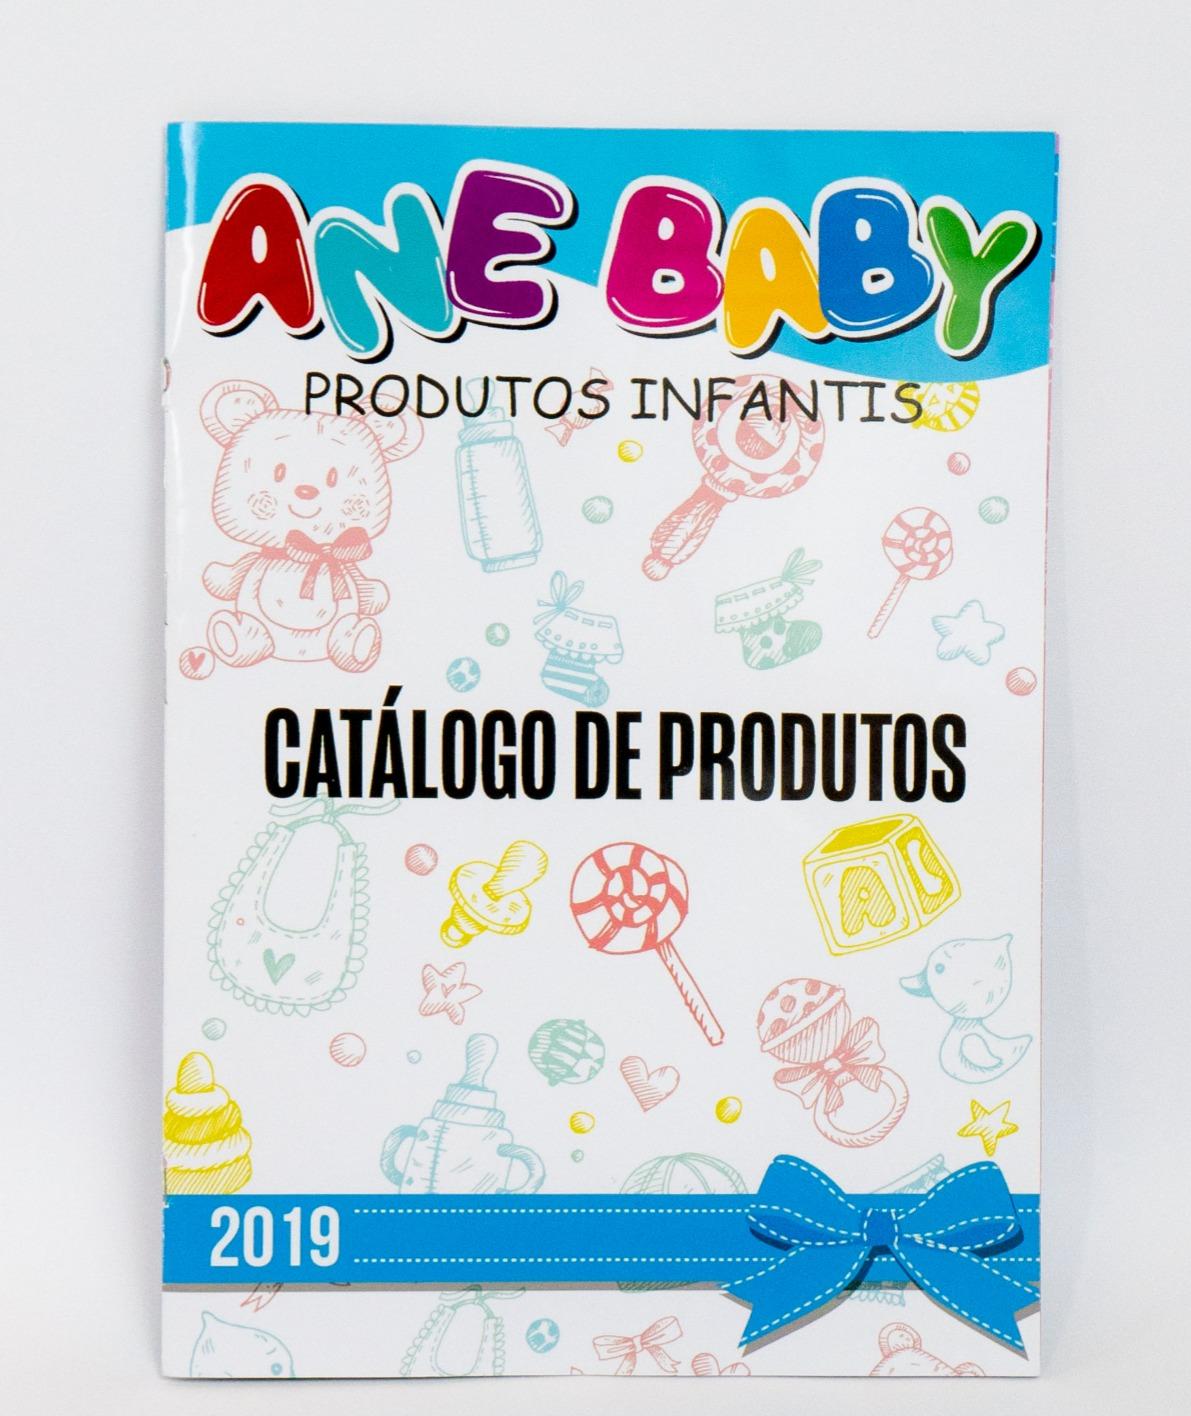 Catálogo de produto infantil